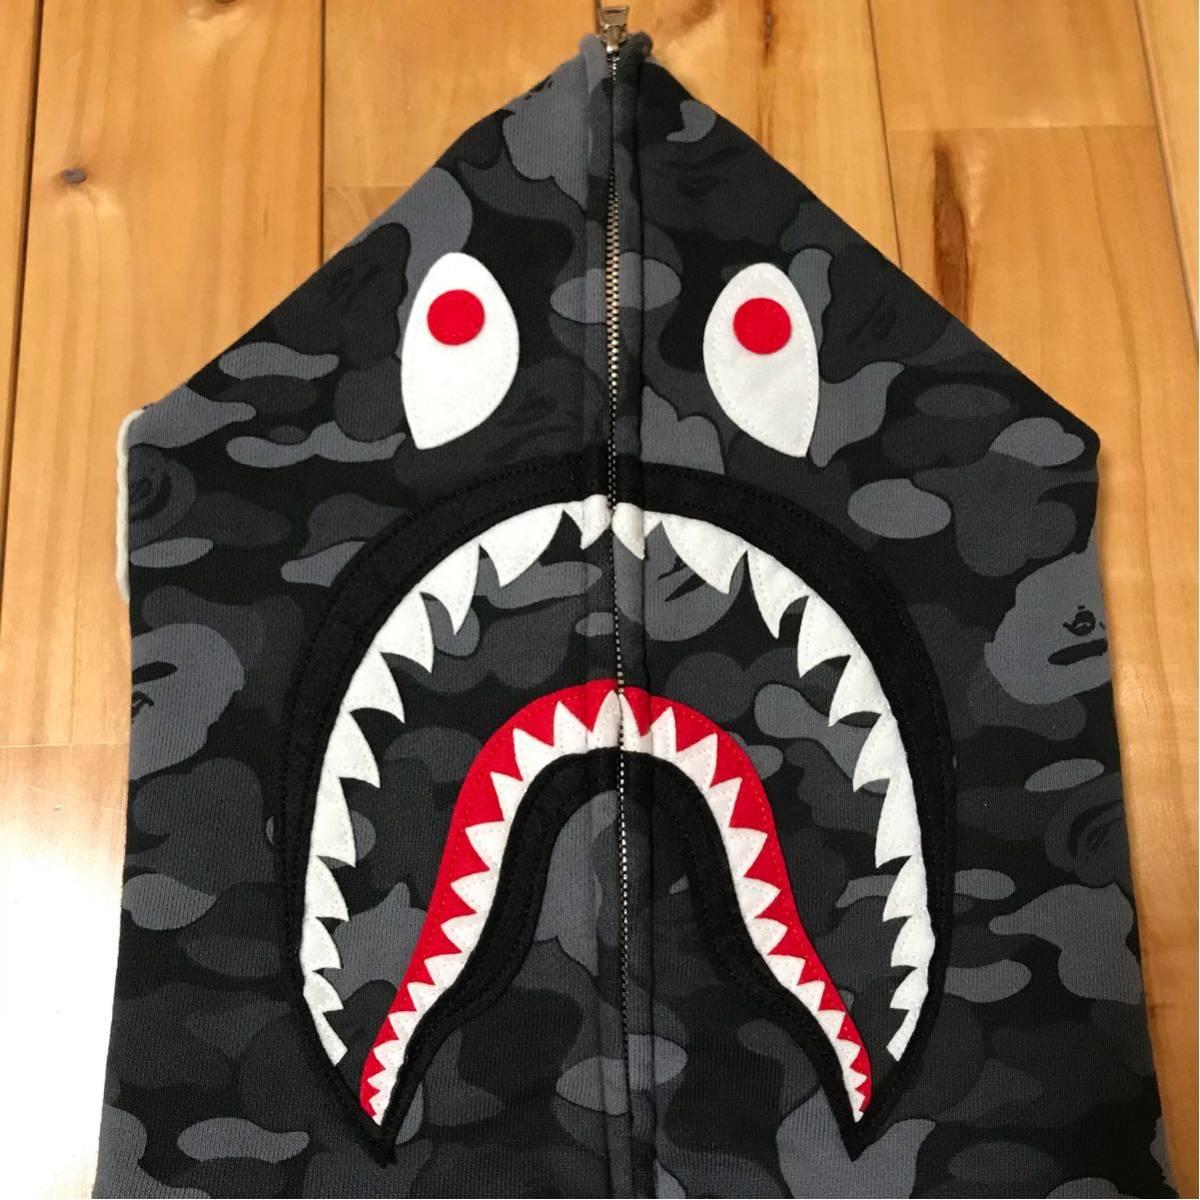 ★青山限定★ aoyama limited color camo シャーク パーカー L shark full zip hoodie a bathing ape BAPE エイプ ベイプ 都市限定 city